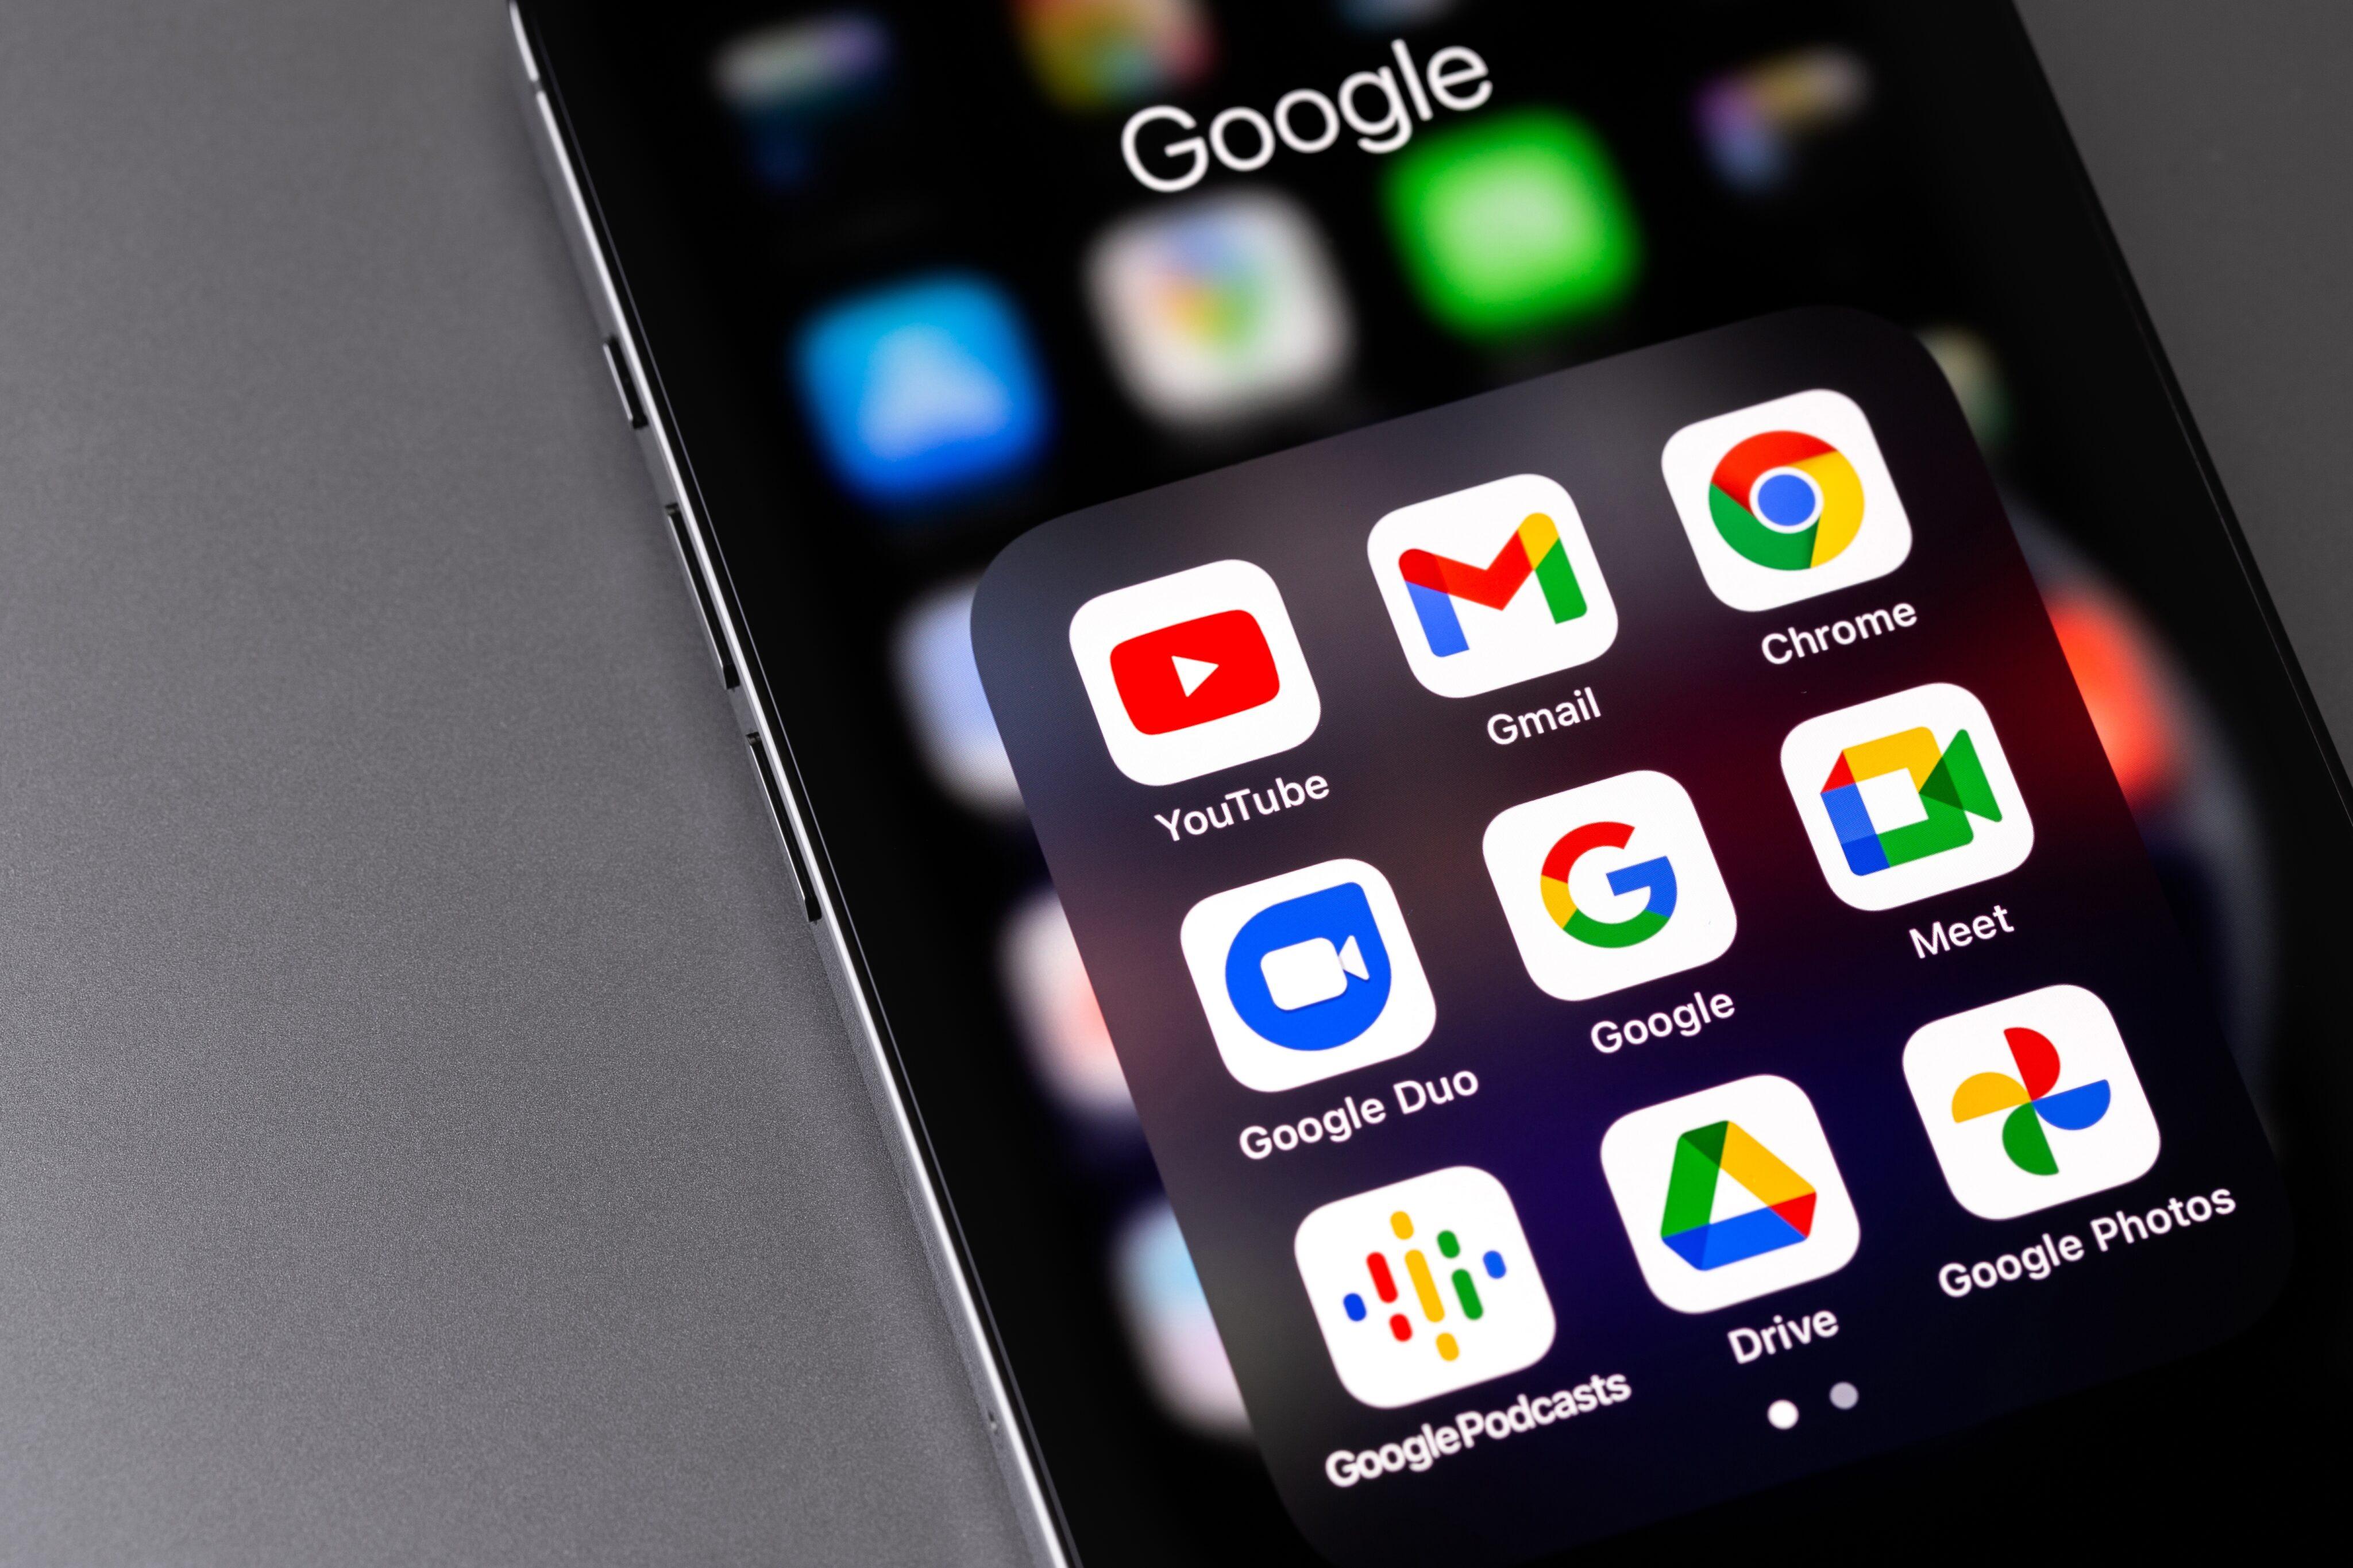 Aplicativos do Google num iPhone